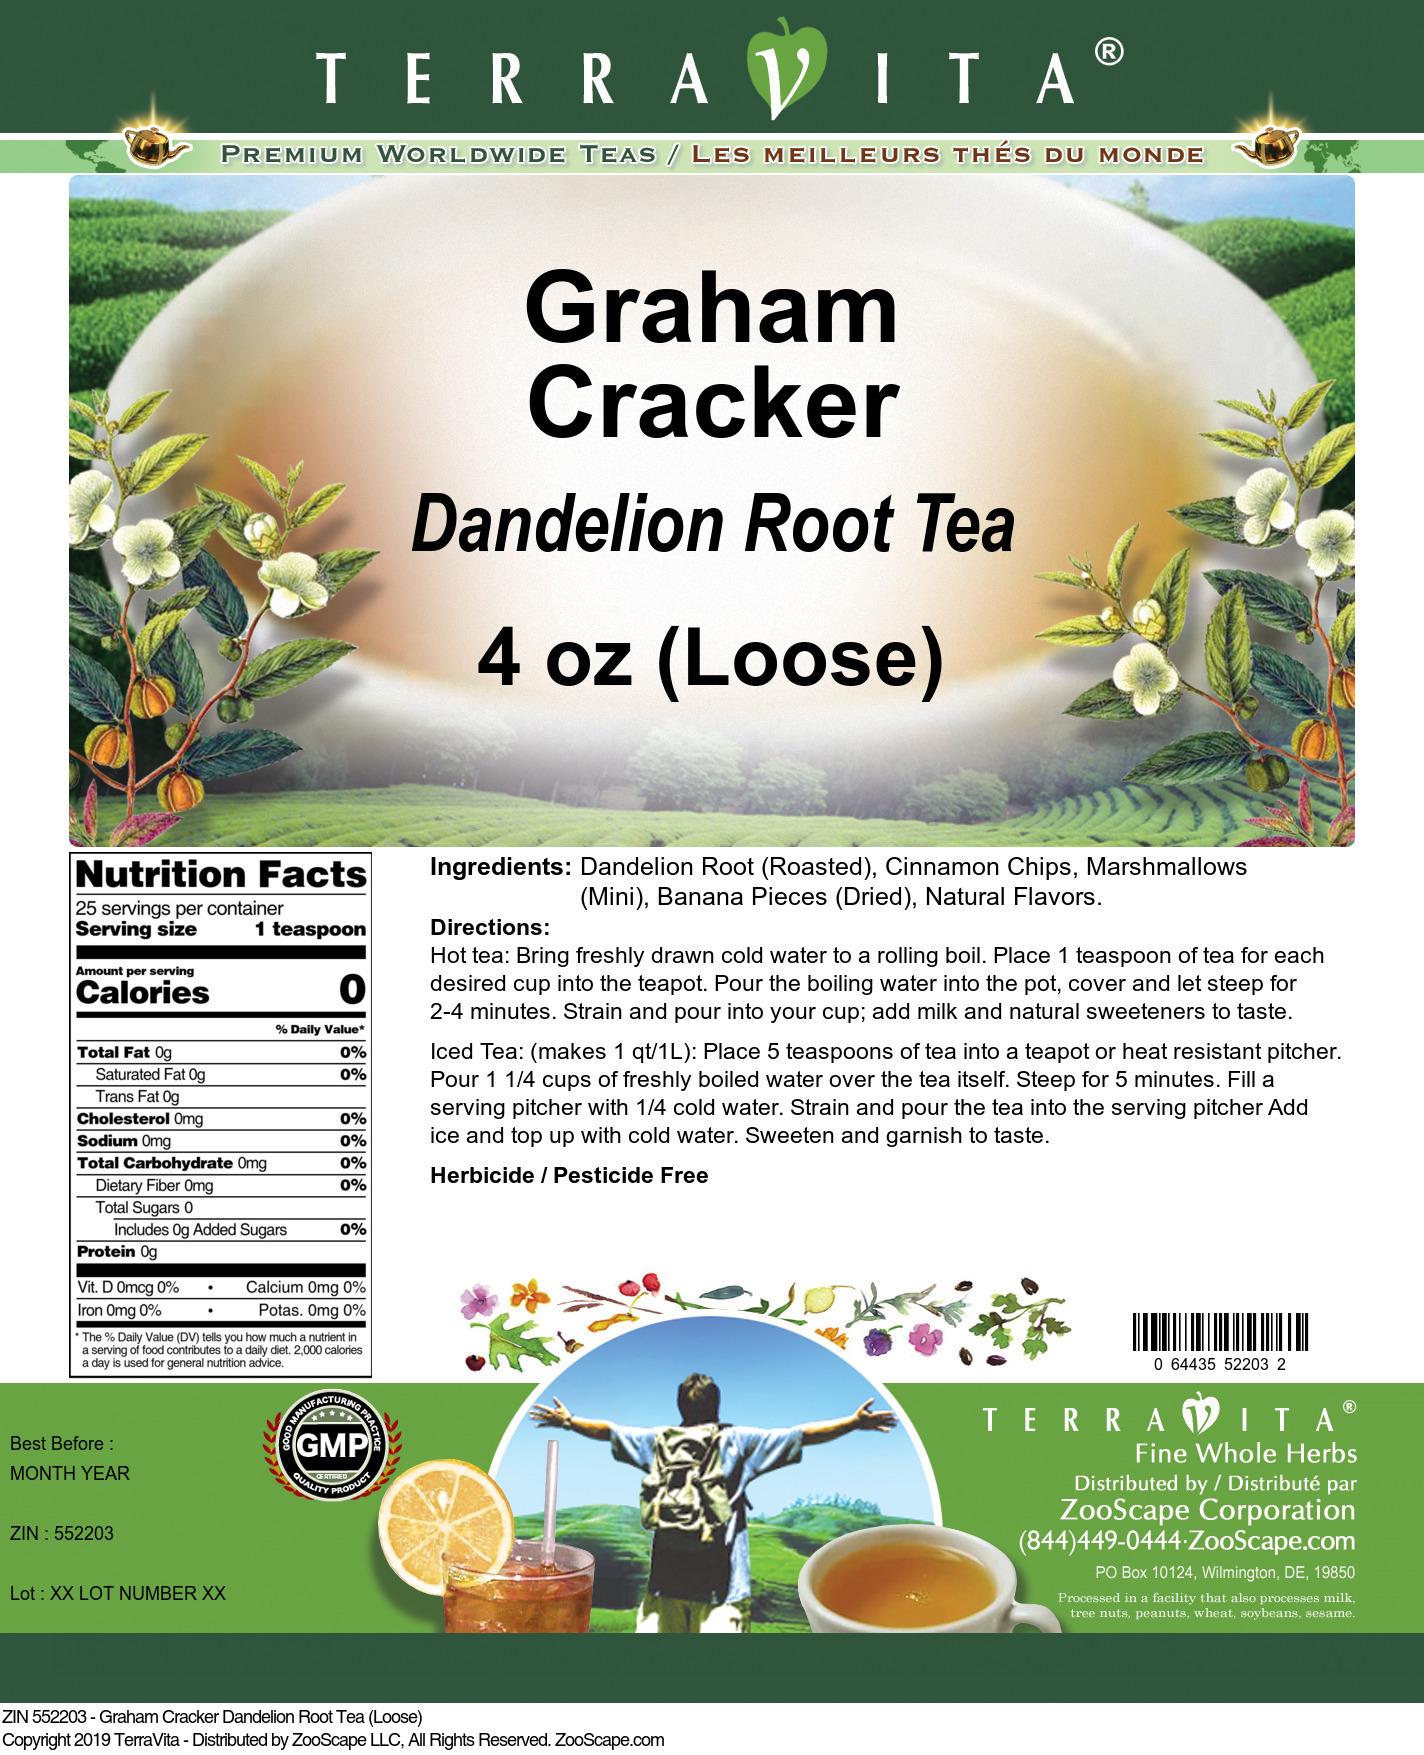 Graham Cracker Dandelion Root